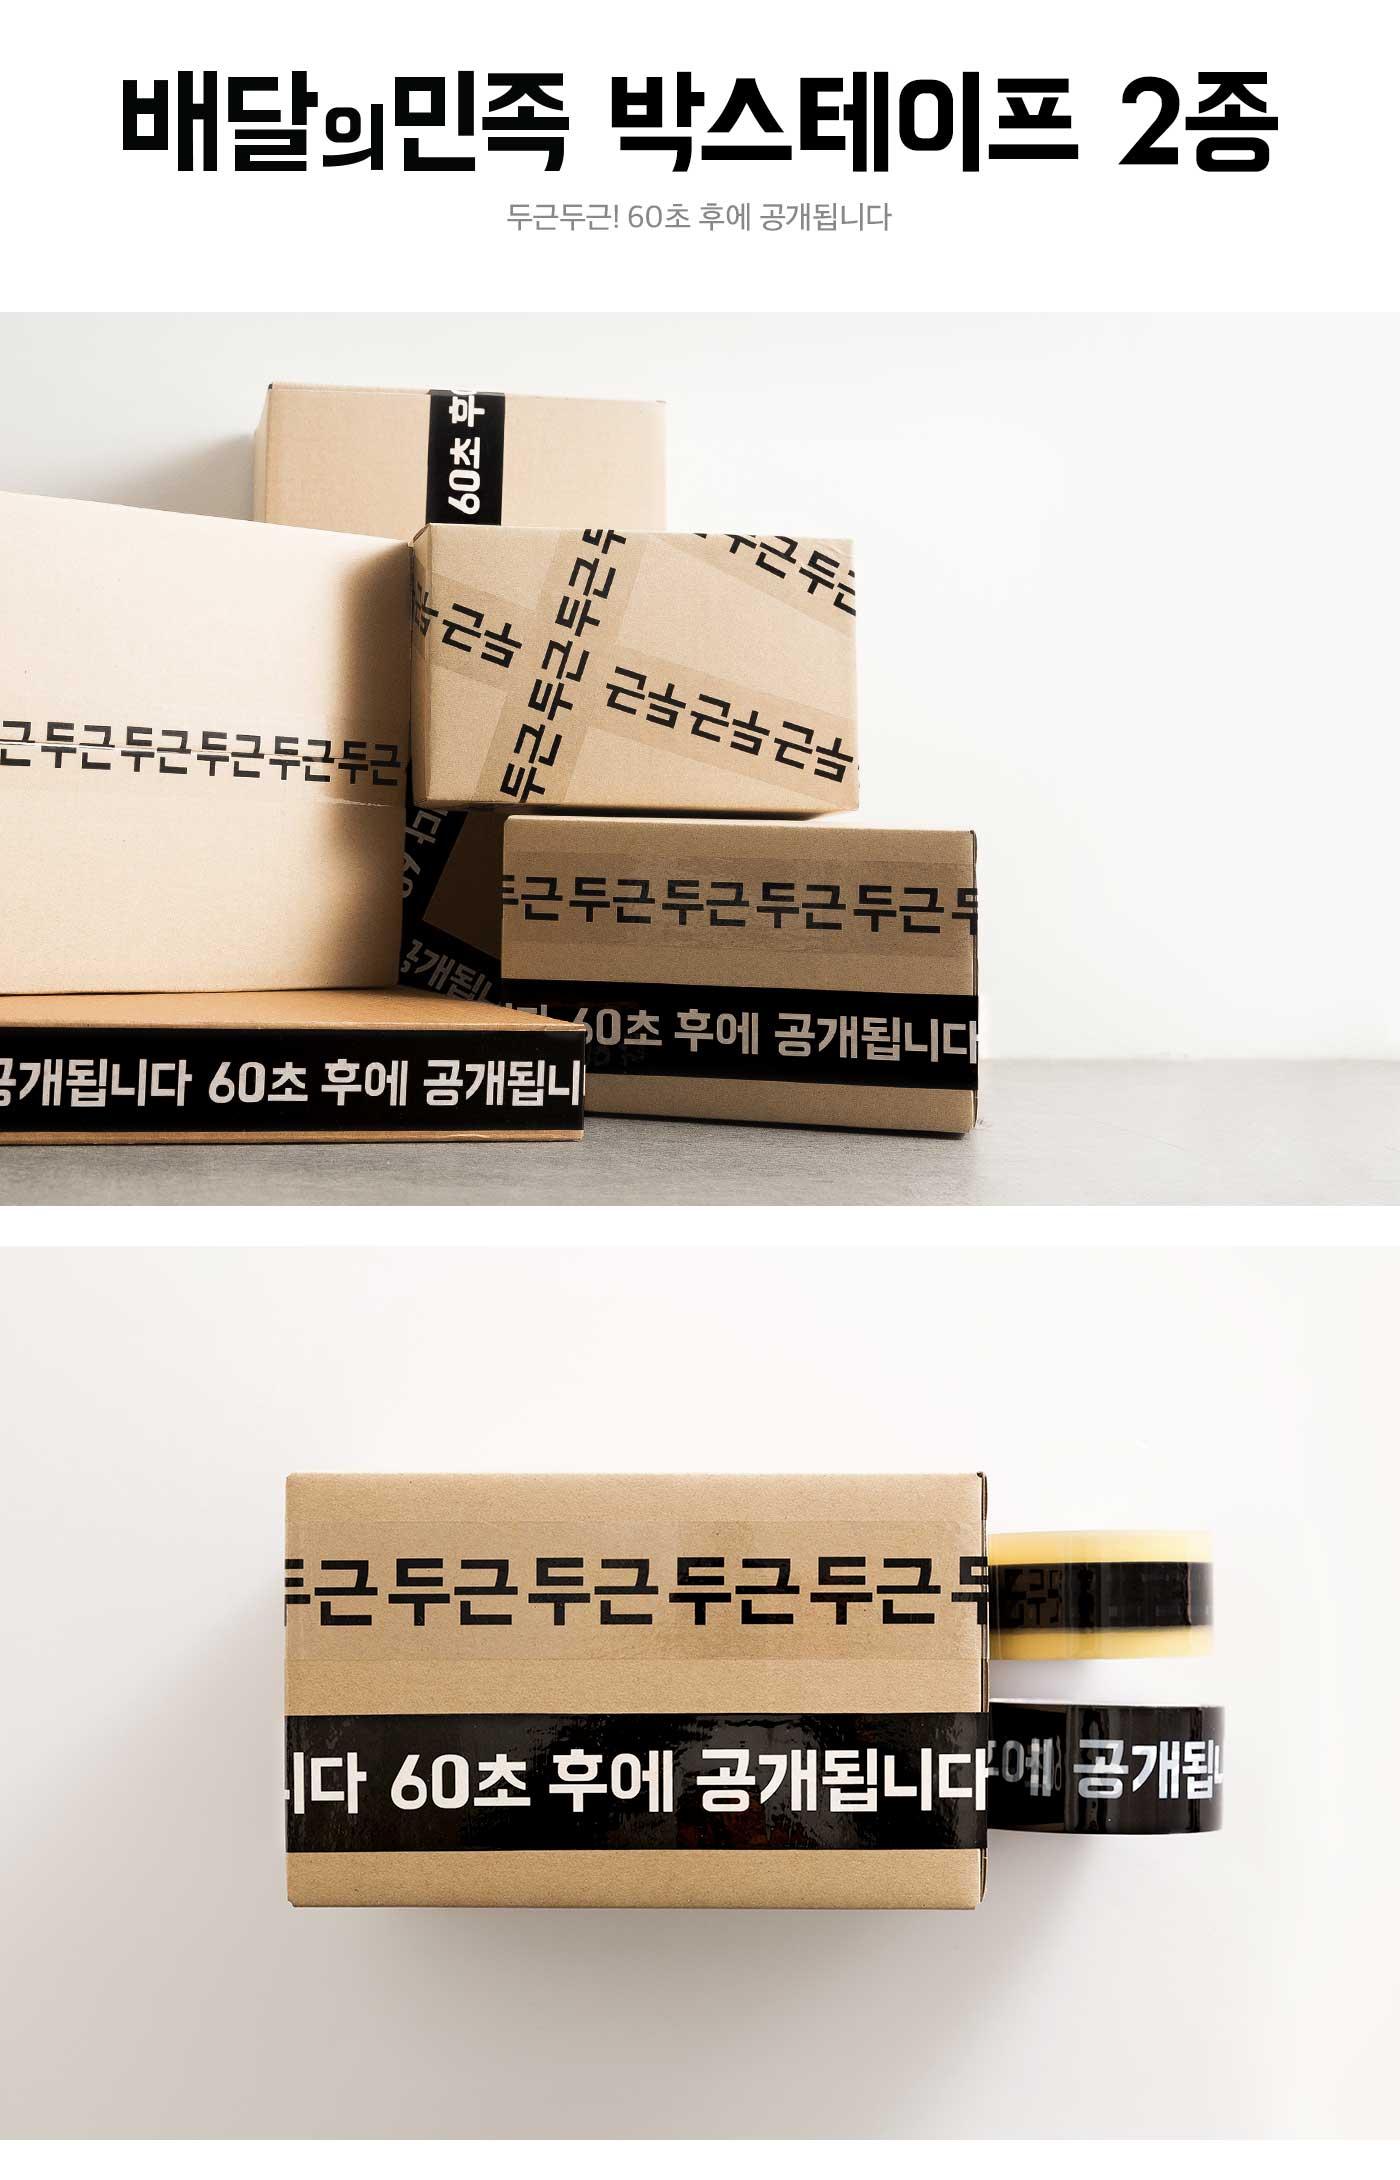 배달의민족 박스테이프: 두근두근 외1종 - 배달의민족, 4,500원, 접착제/테이프, 포장/박스/청테이프